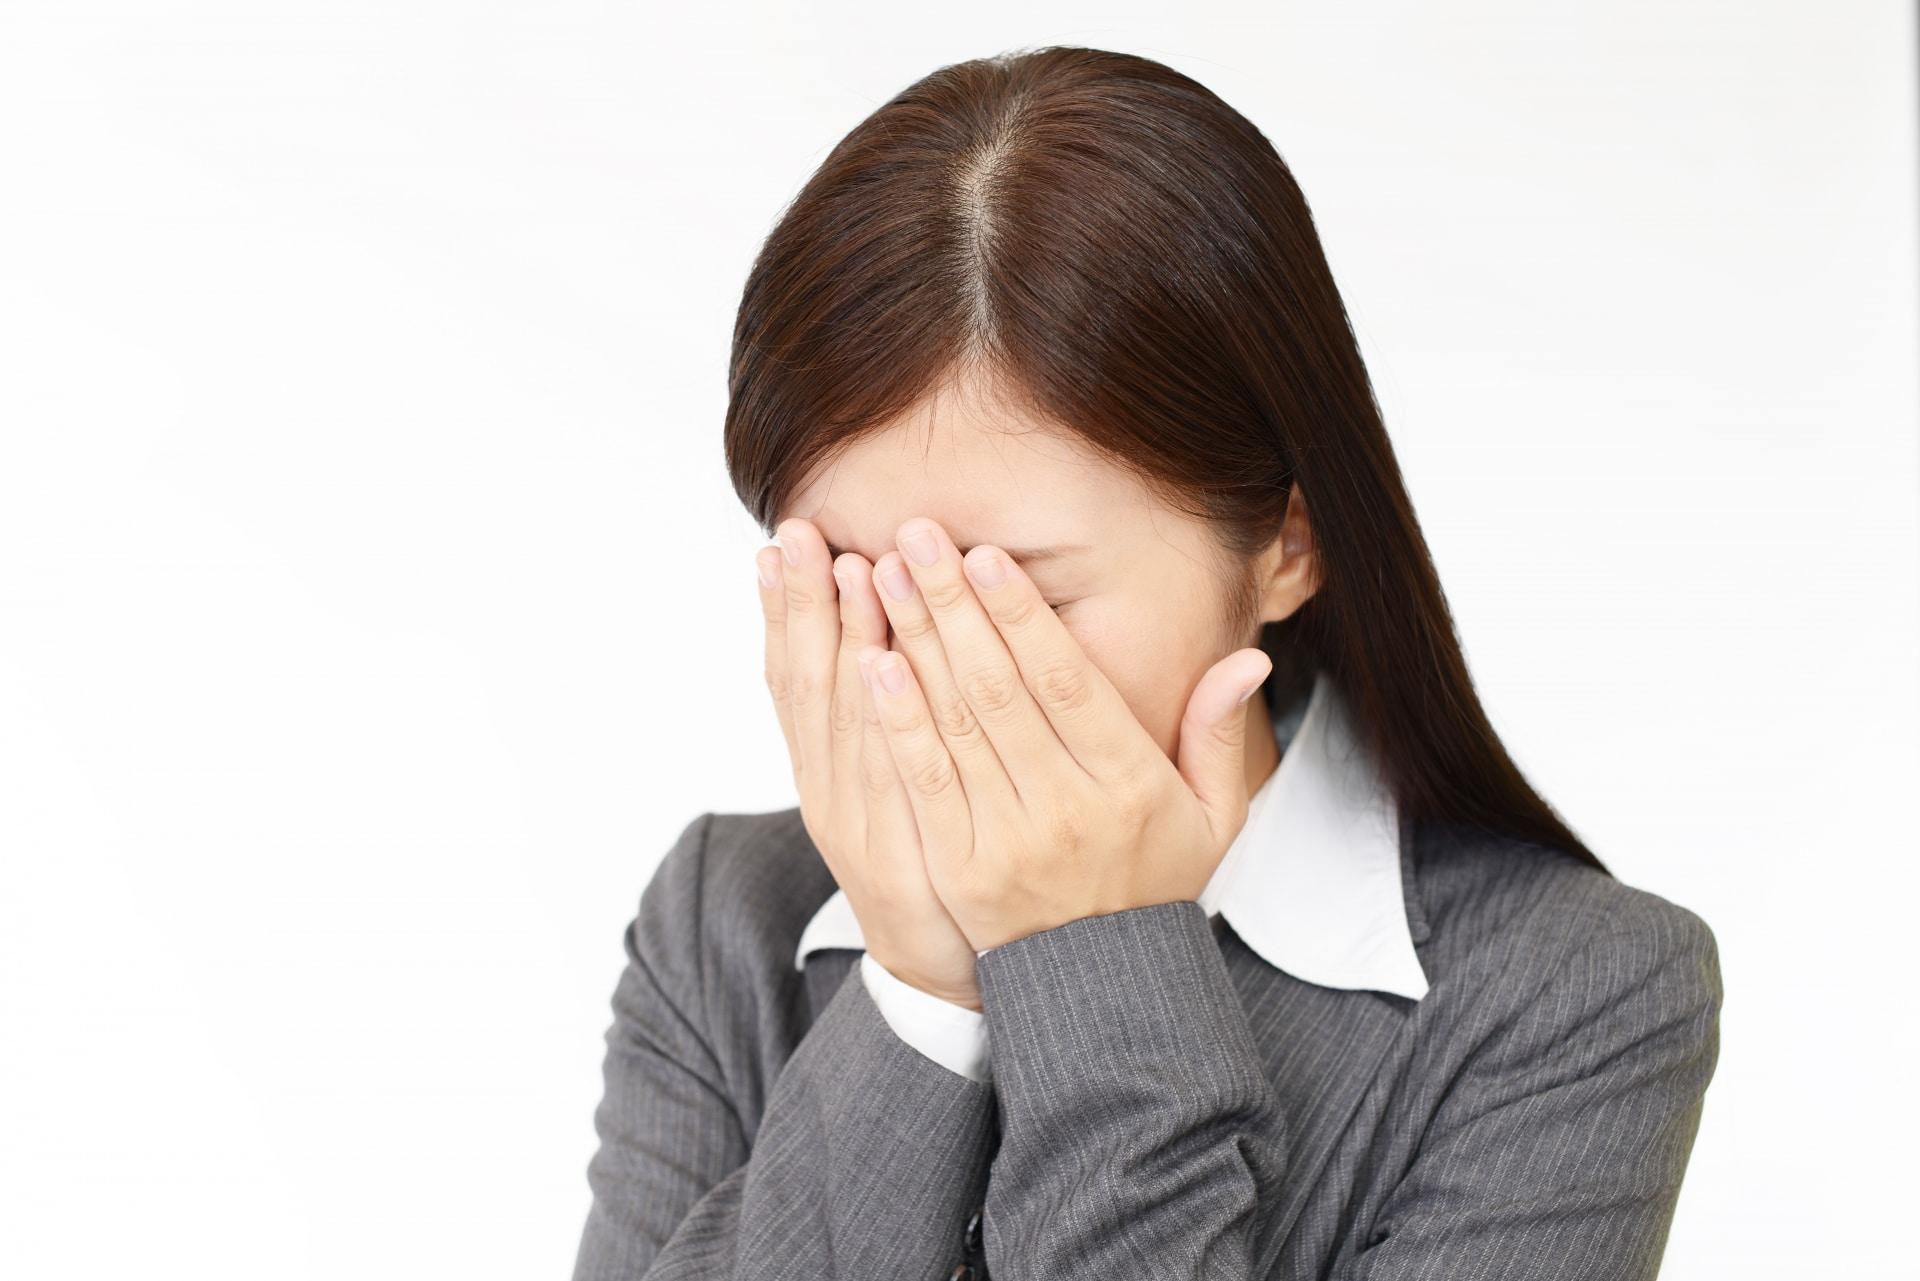 顔を覆って泣くスーツ姿の女性